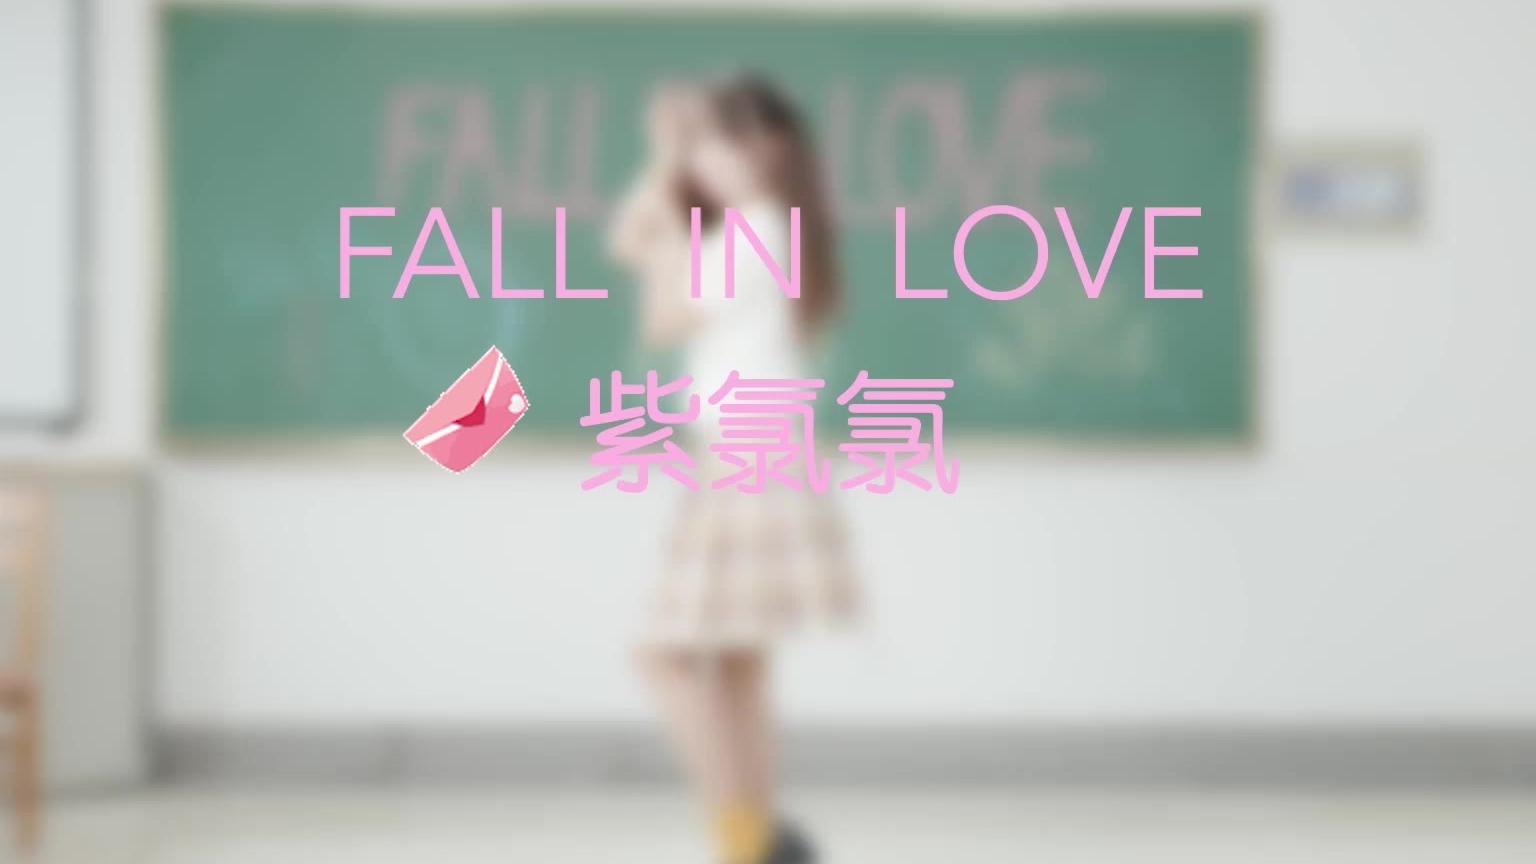 【A等生】【次元】FALL IN LOVE 快来和我恋爱吧~